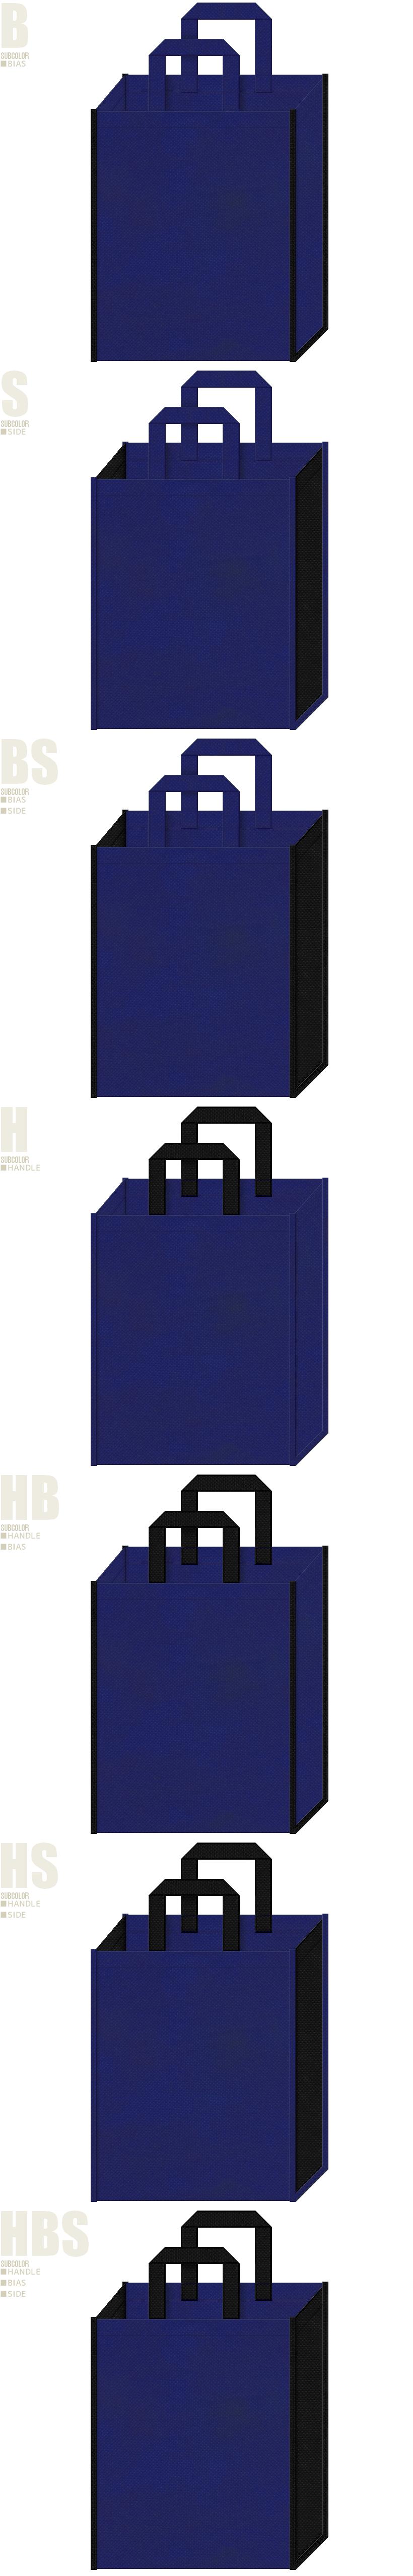 ホラーゲームのバッグノベルティにお奨めの、紺紫色と黒色-7パターンの不織布トートバッグ配色デザイン例